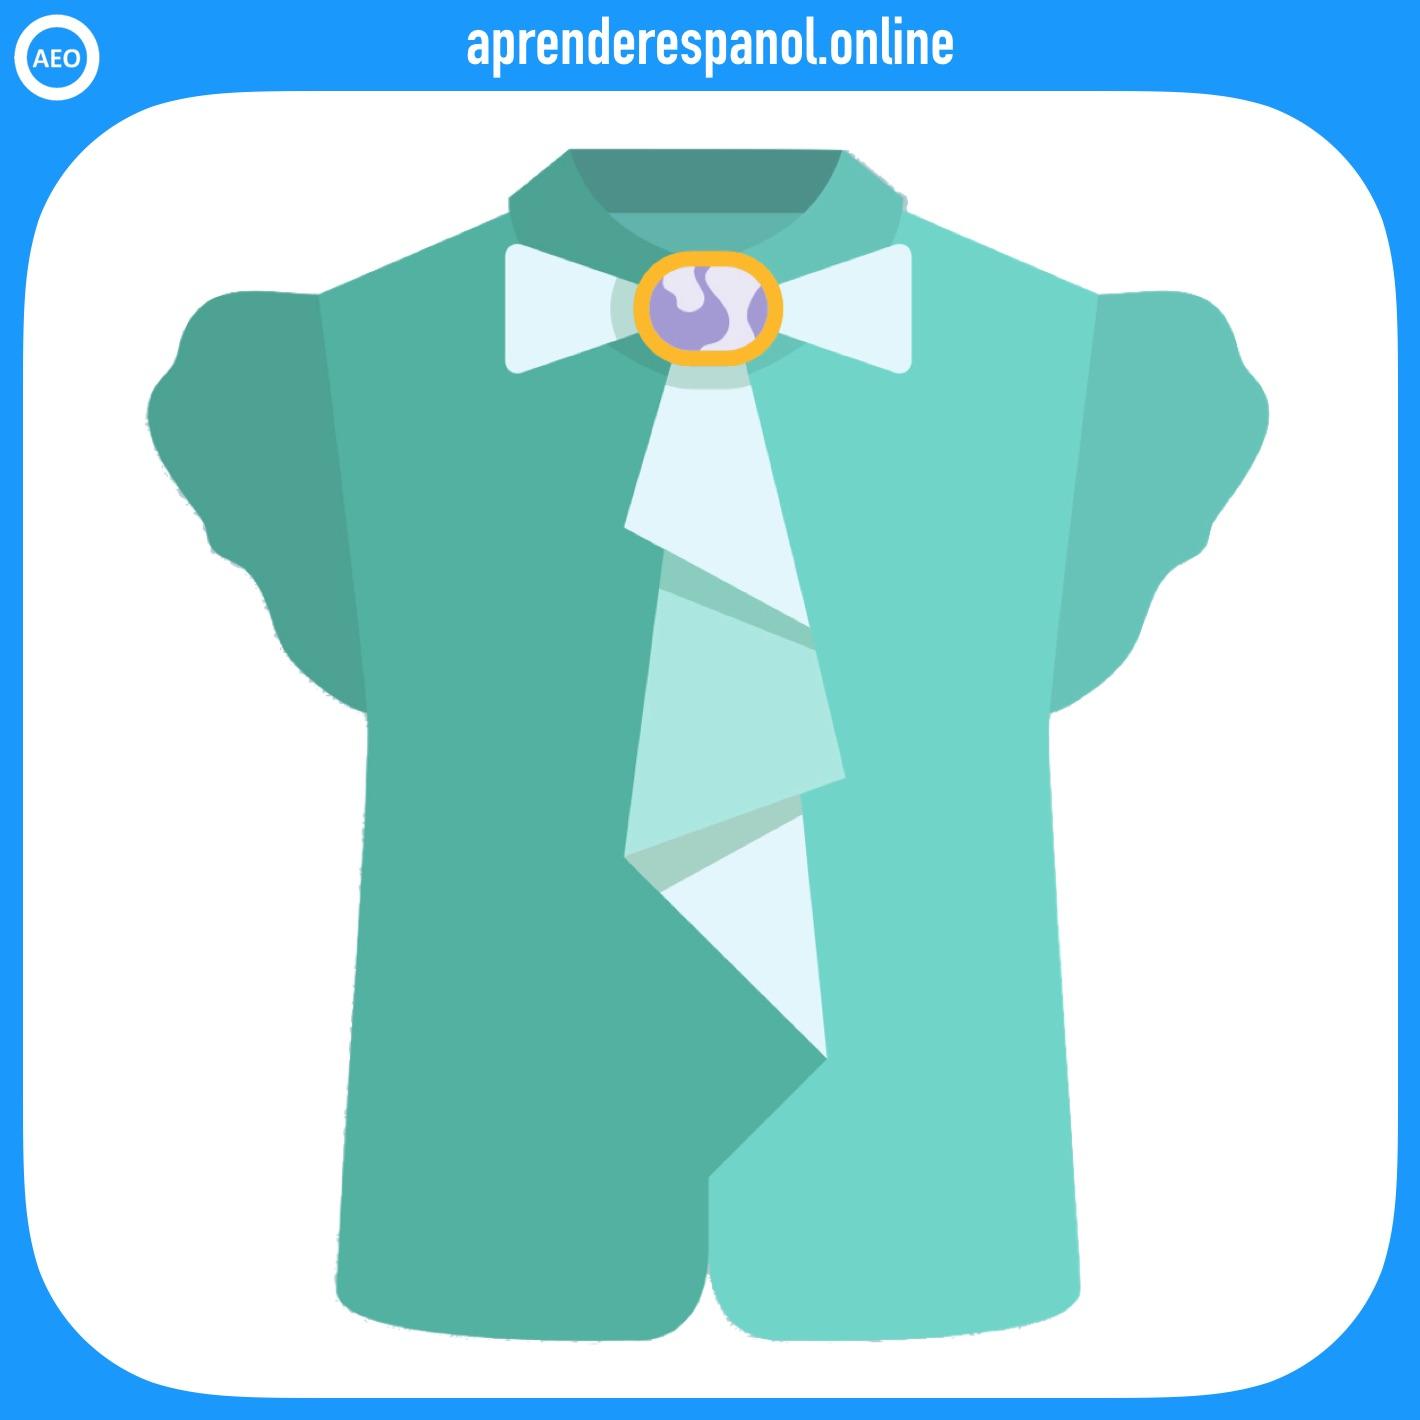 blusa | ropa en español | vocabulario de la ropa en español